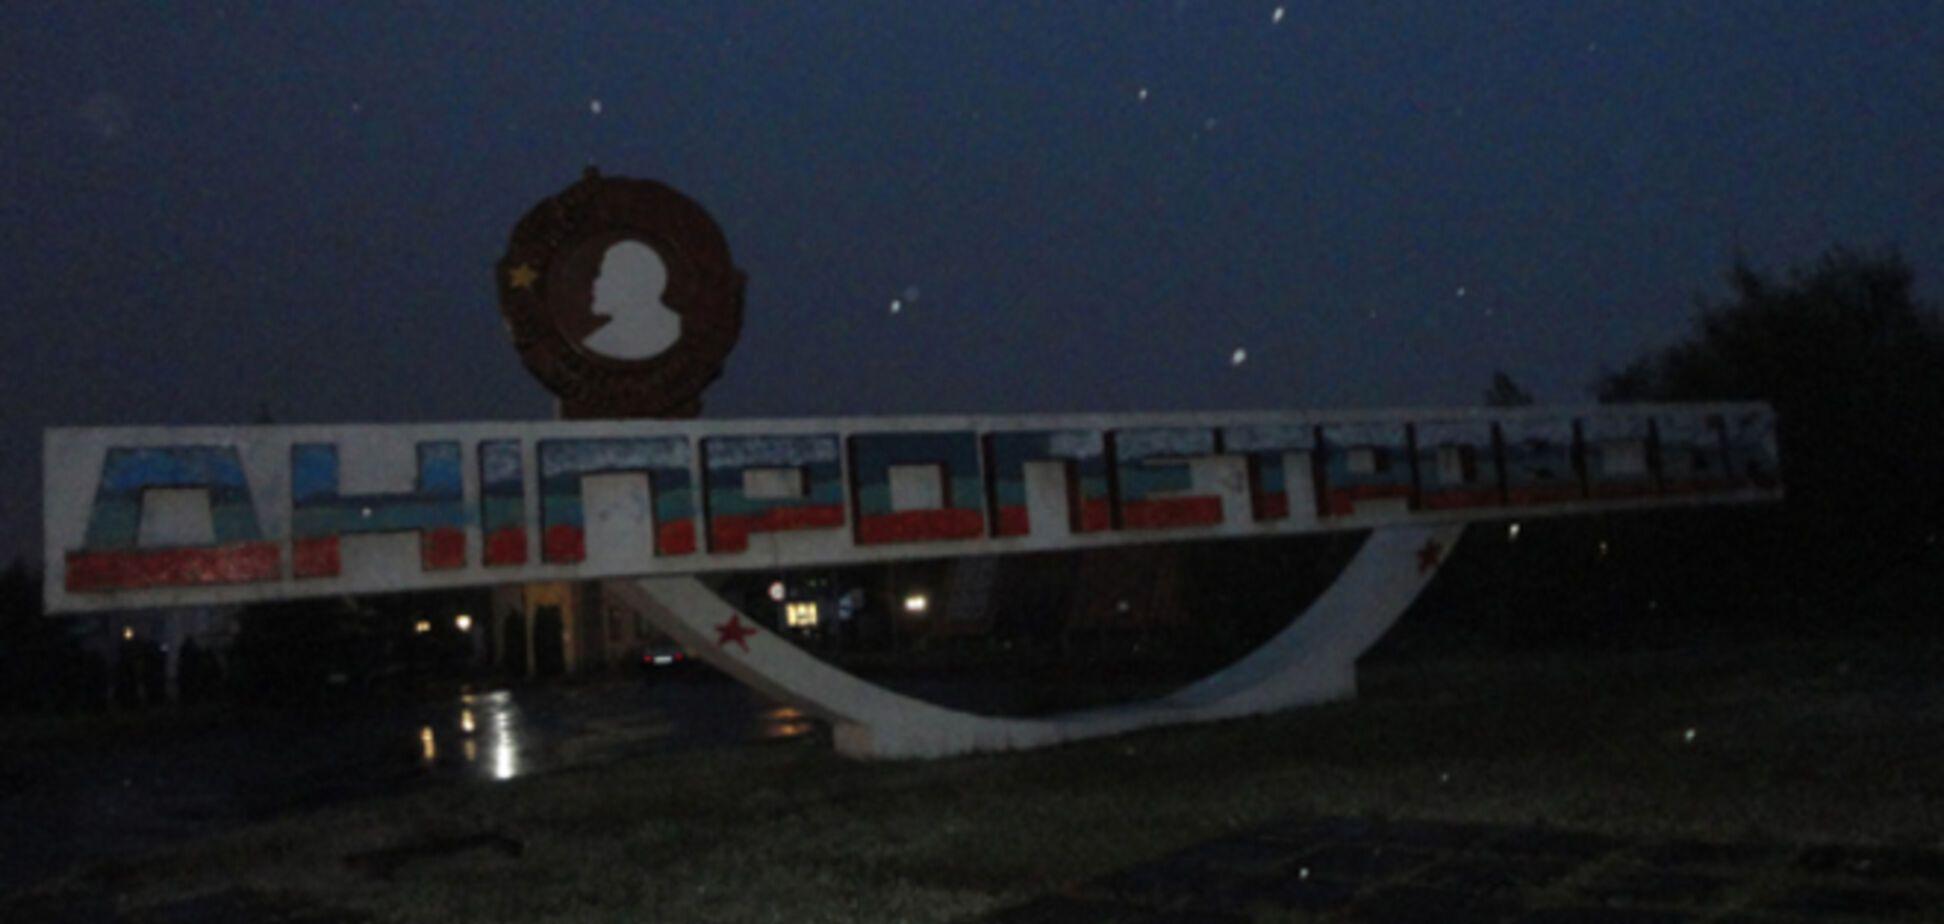 Хулиганам, разрисовавшим стелу 'Днепропетровск' в триколор, грозит до 5 лет